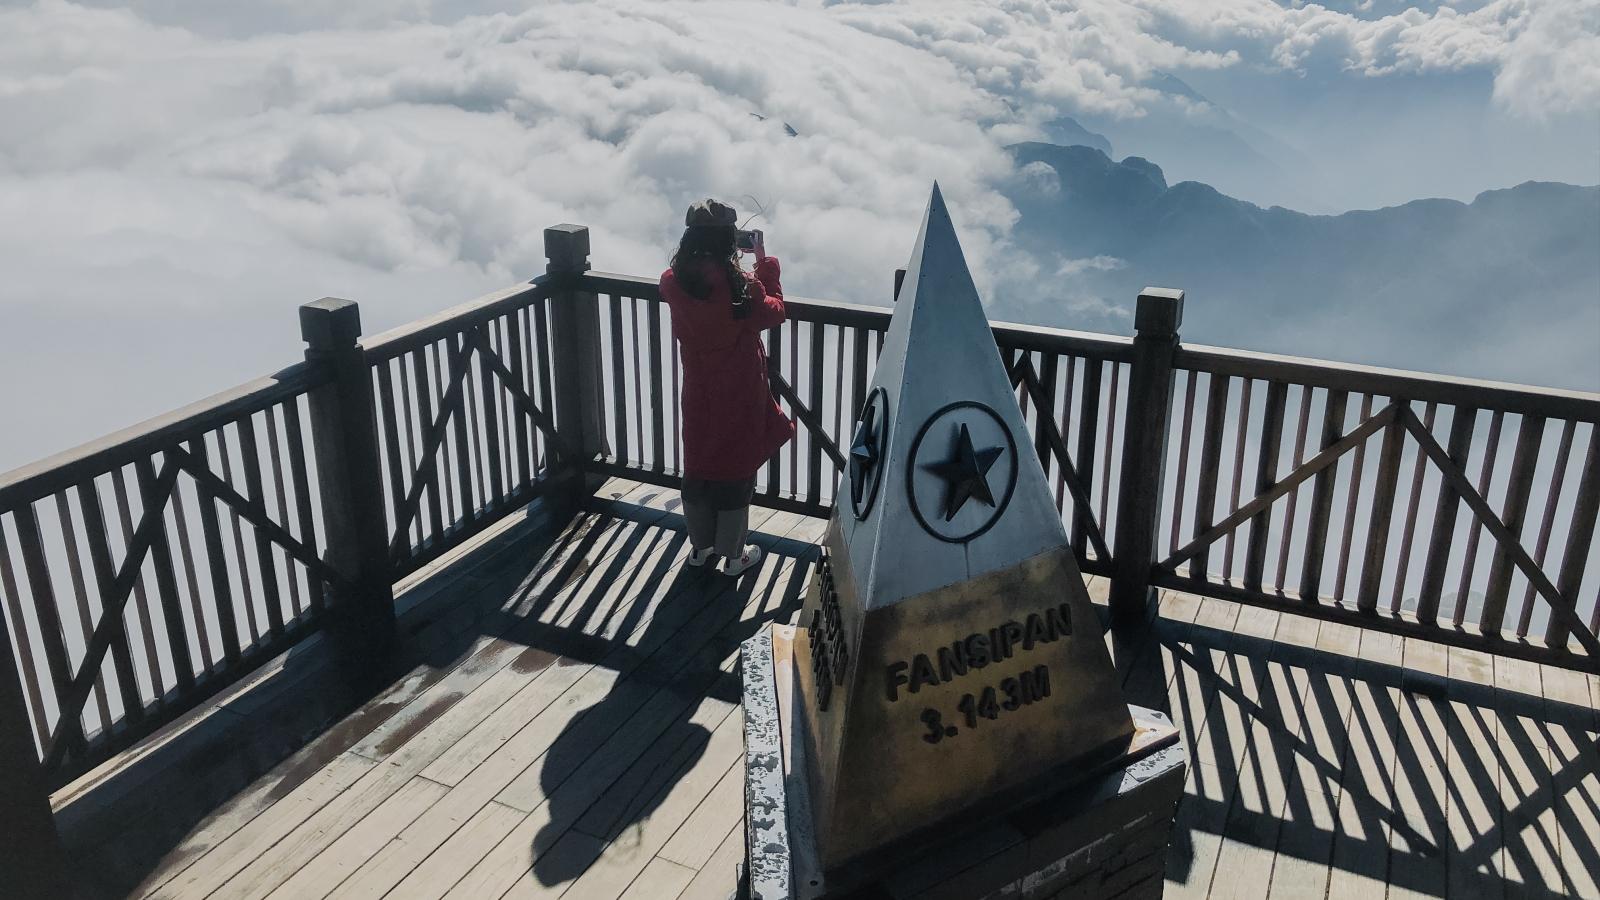 Choáng ngợp trước vẻ đẹp thiên nhiên vi diệu trên đỉnh Fansipan